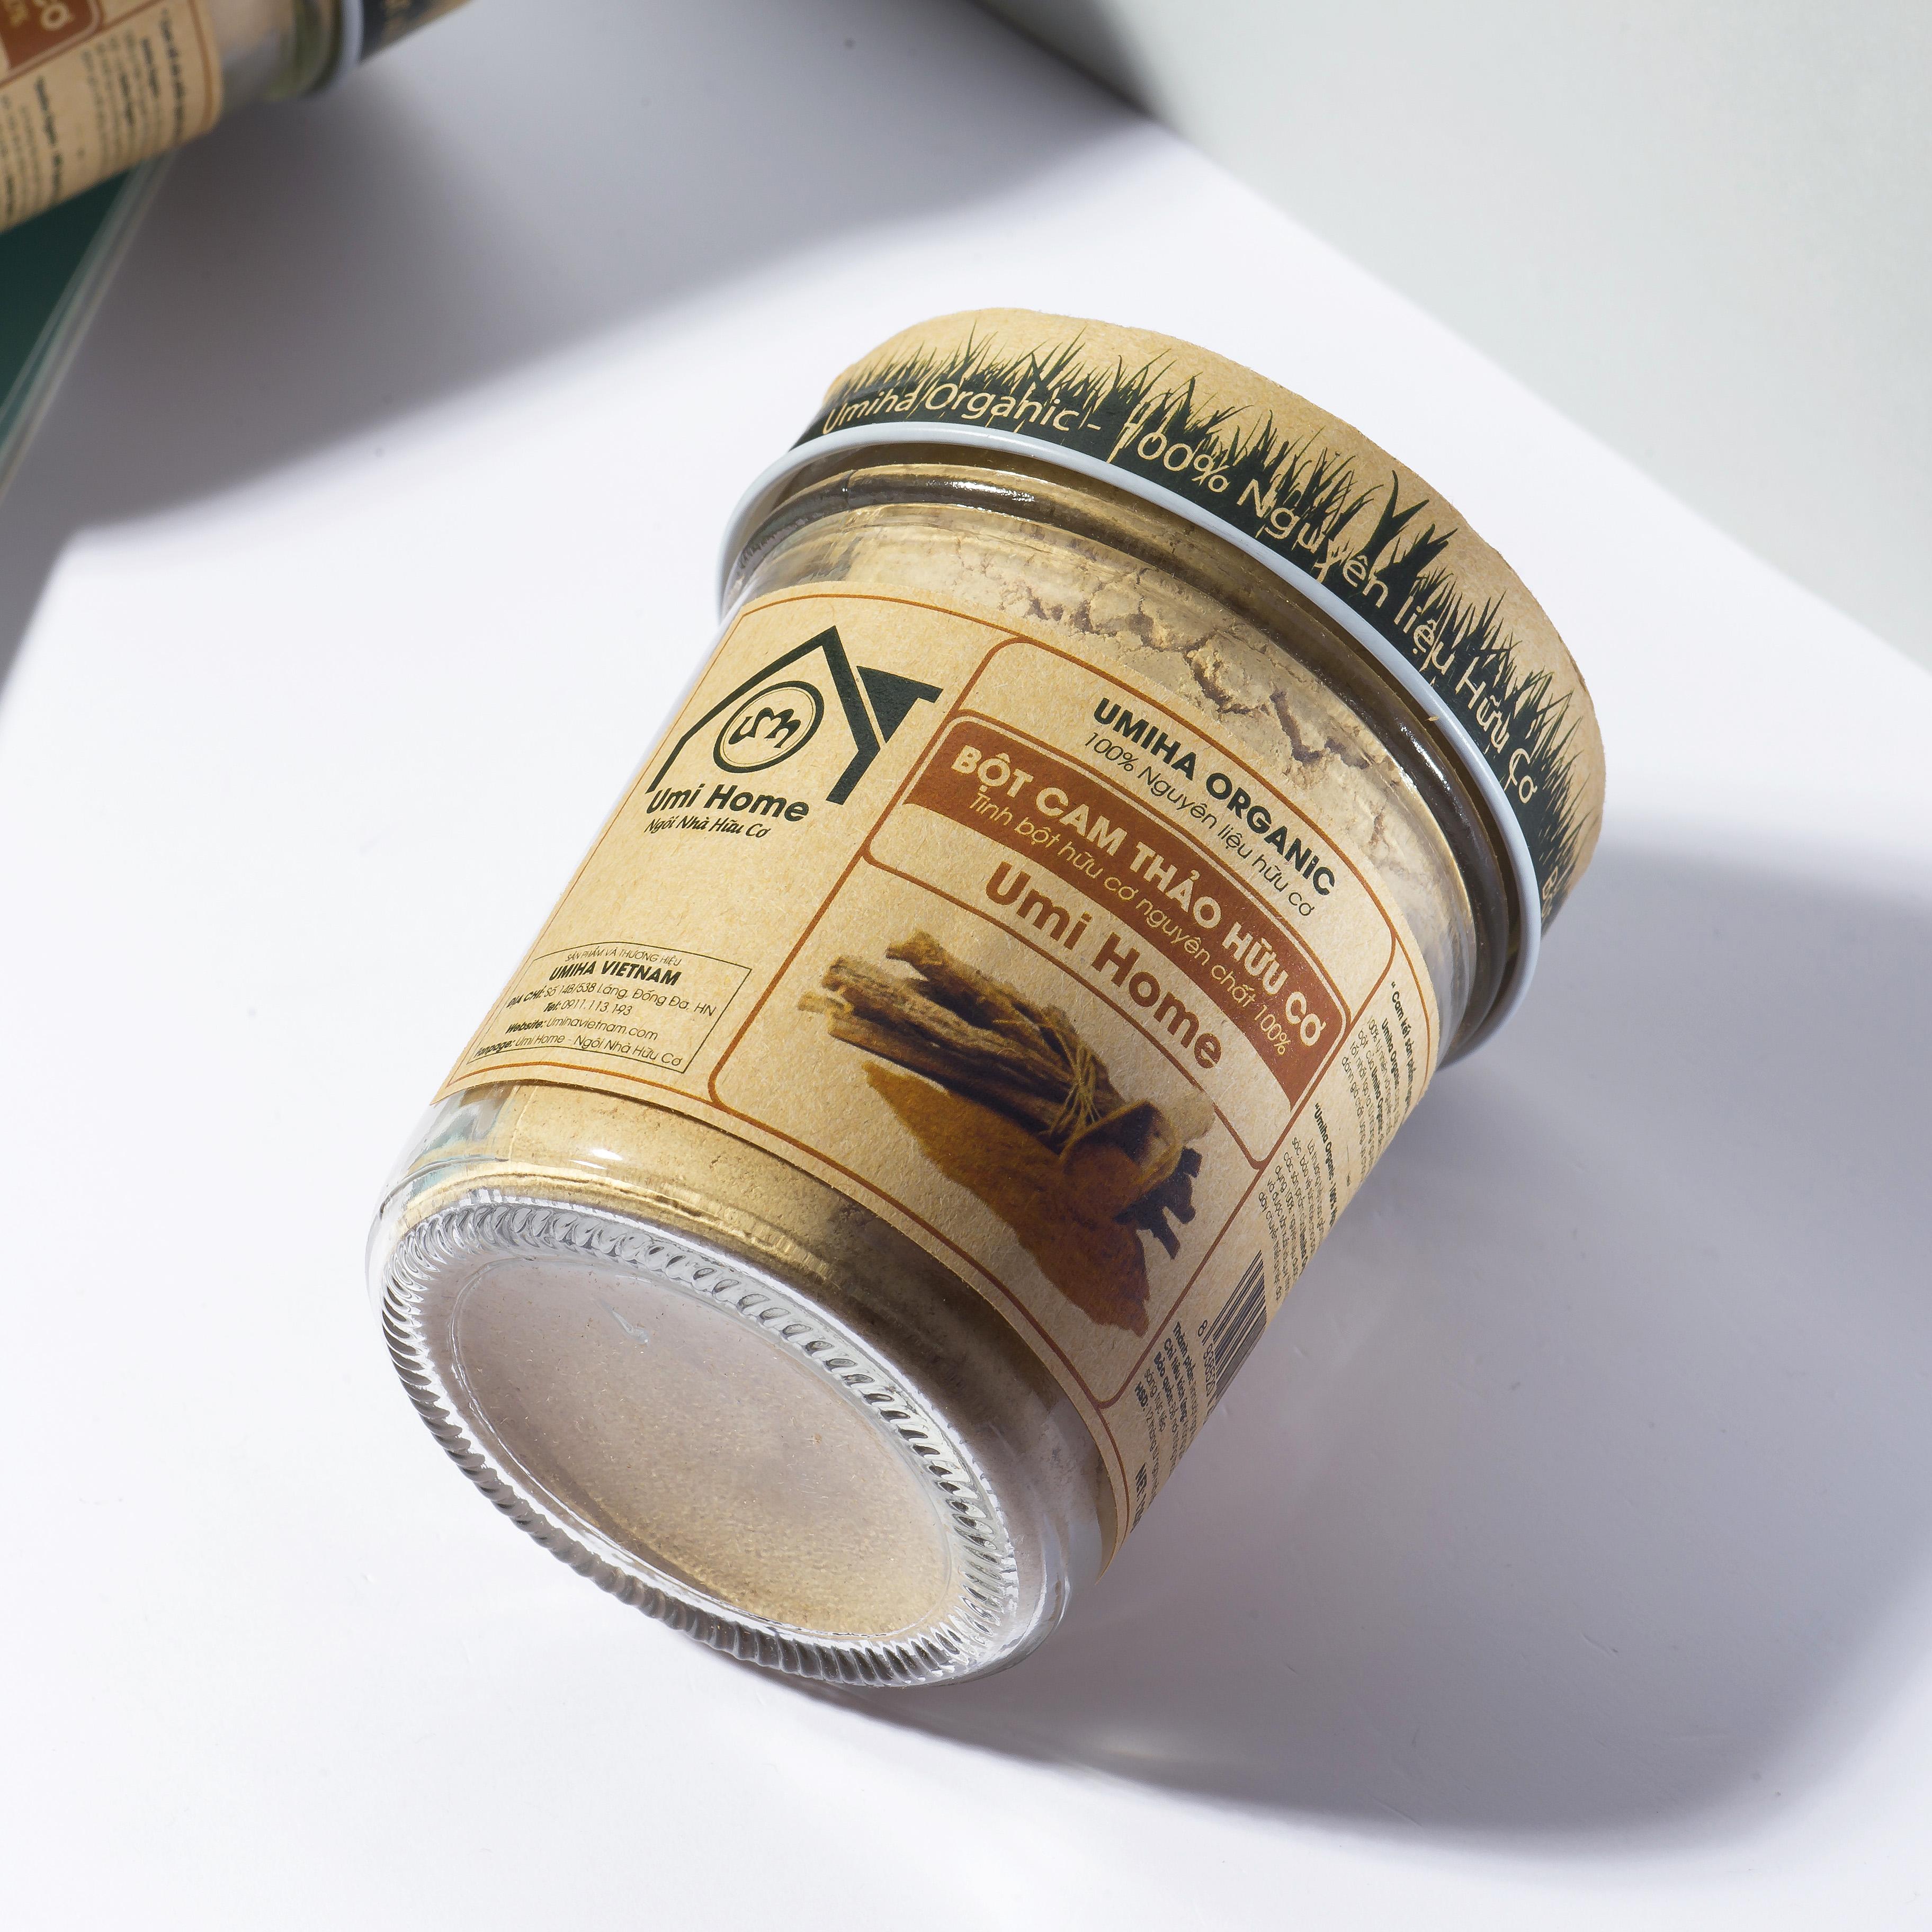 Combo dưỡng da gồm Tinh Dầu Oải Hương 10ml và Bột Cam Thảo 125g UMIHOME hữu cơ - Tặng dầu hạt Nho 10ml - Làm sạch da, se khít lỗ chân lông, dưỡng da hiệu quả